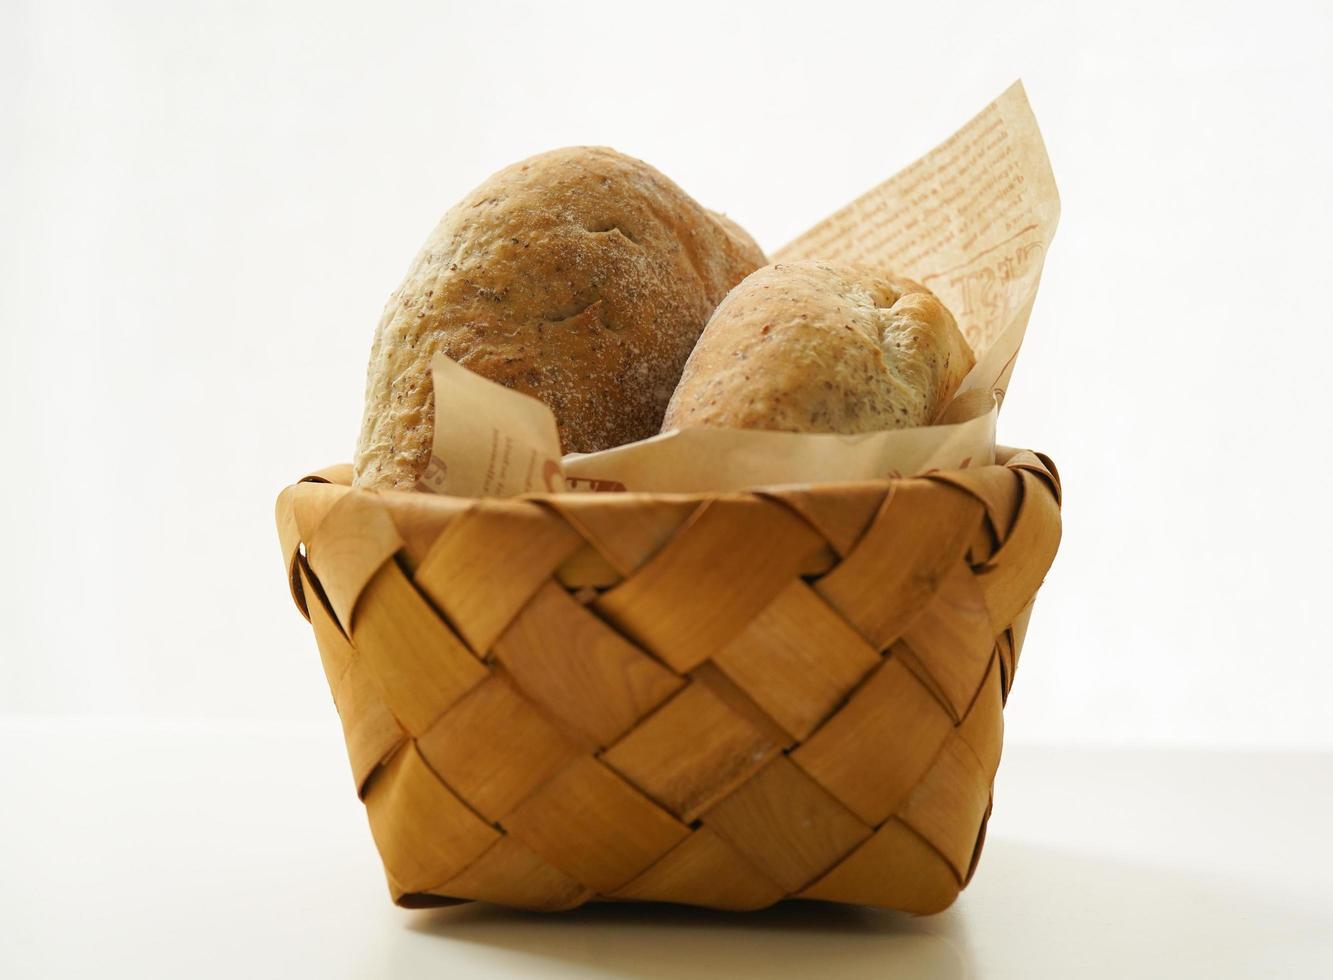 närbild av brödkorg foto